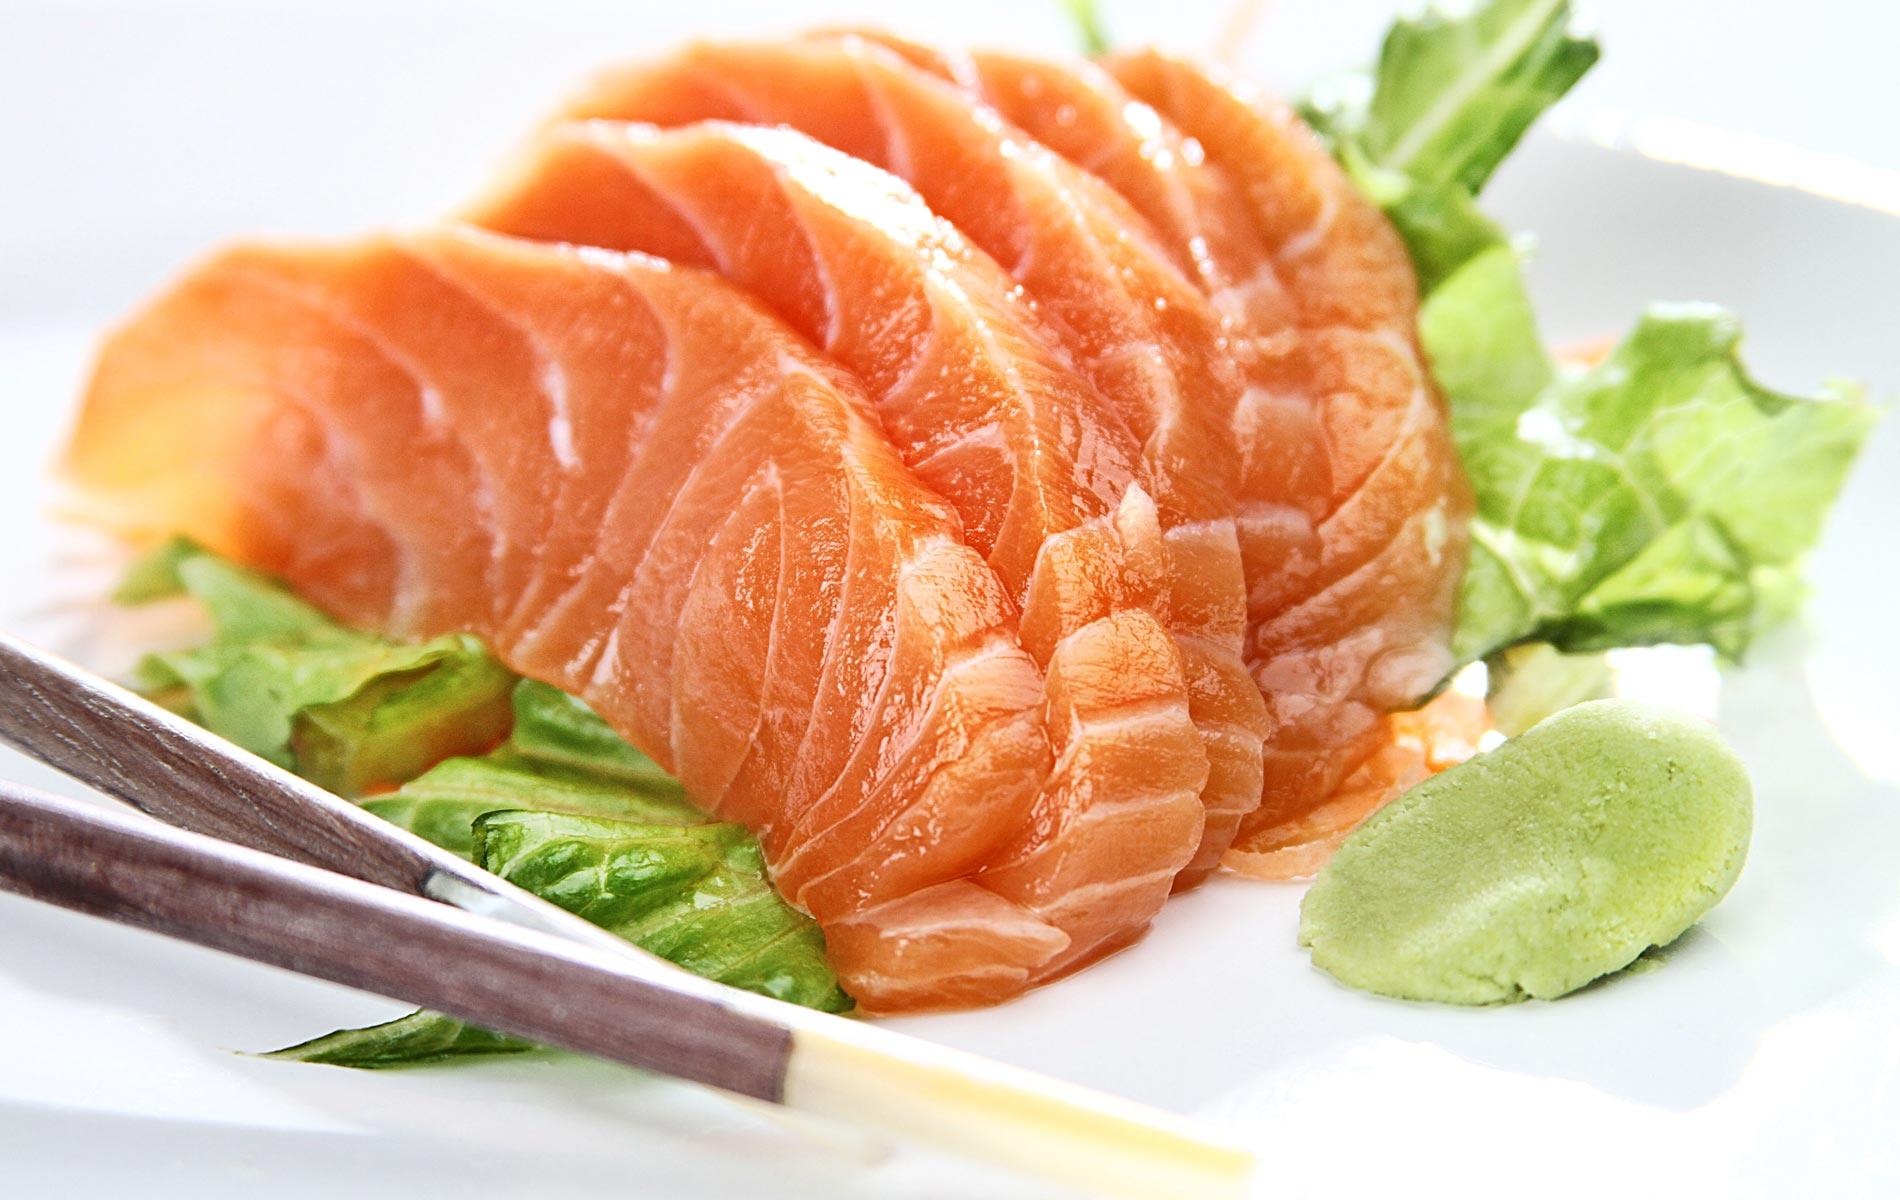 Os 8 Alimentos Que Diminuem Inflamações e Ajudam a Perder Peso